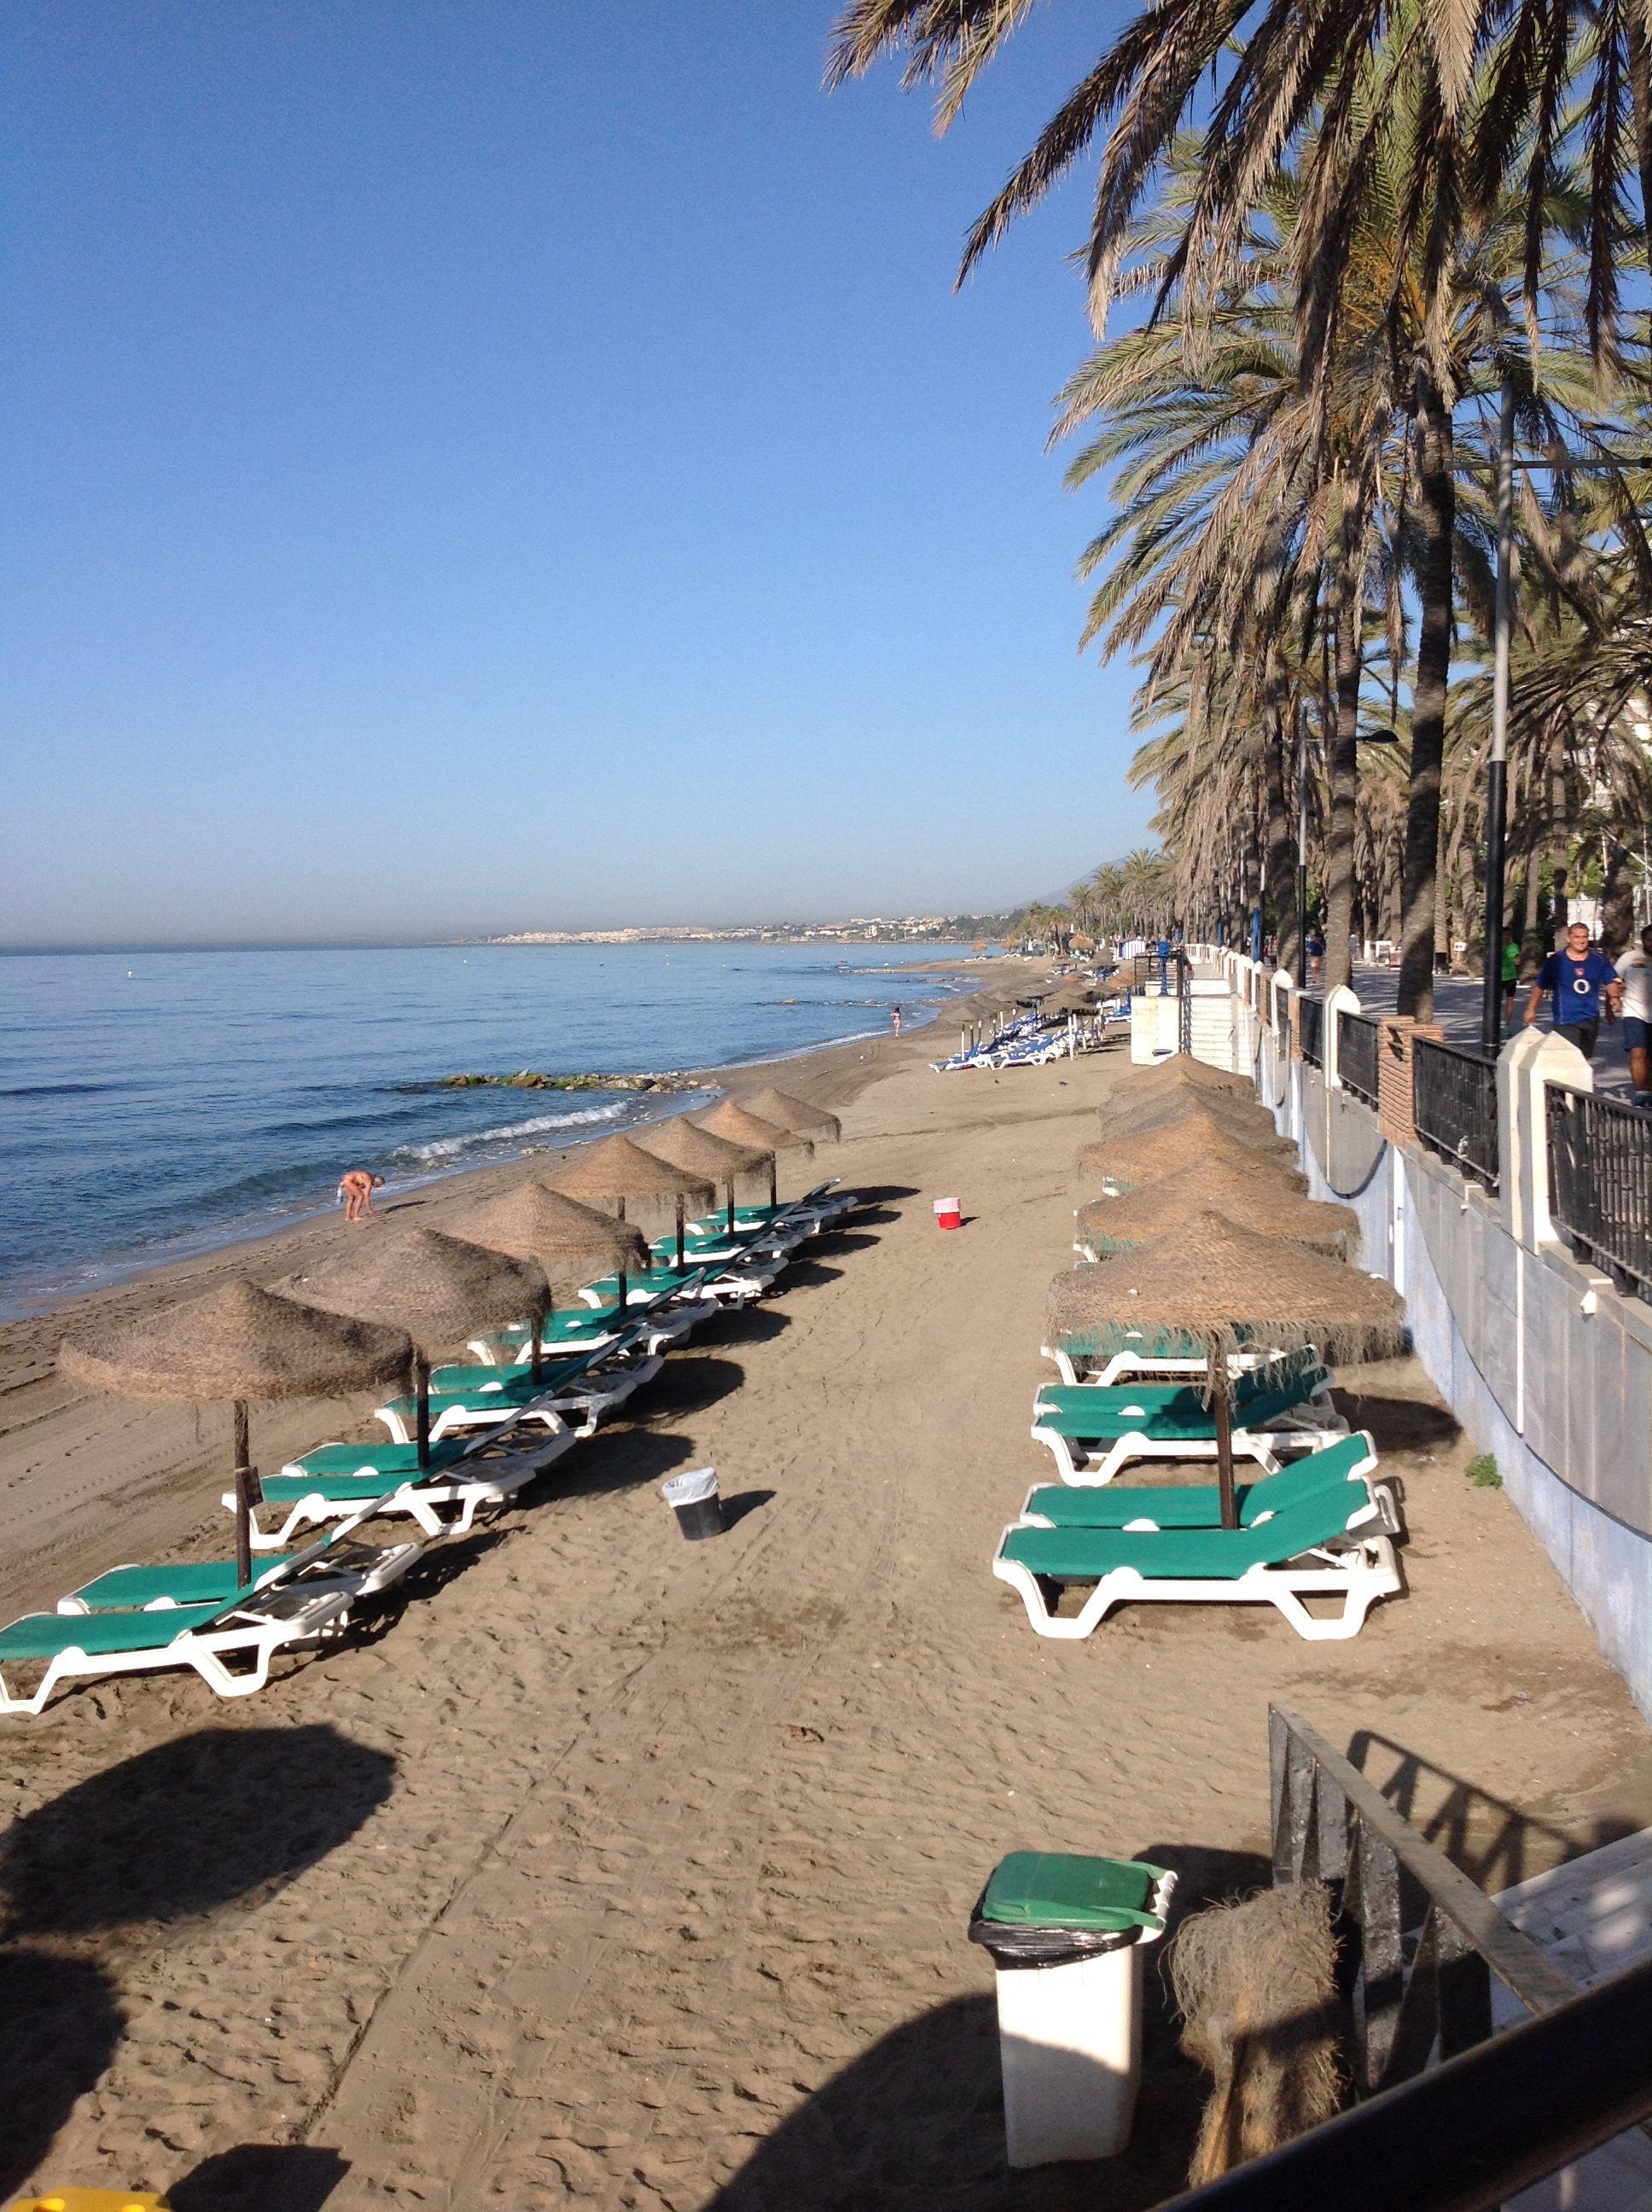 Playa De La Fontanilla Marbella Marbella Trip Spain